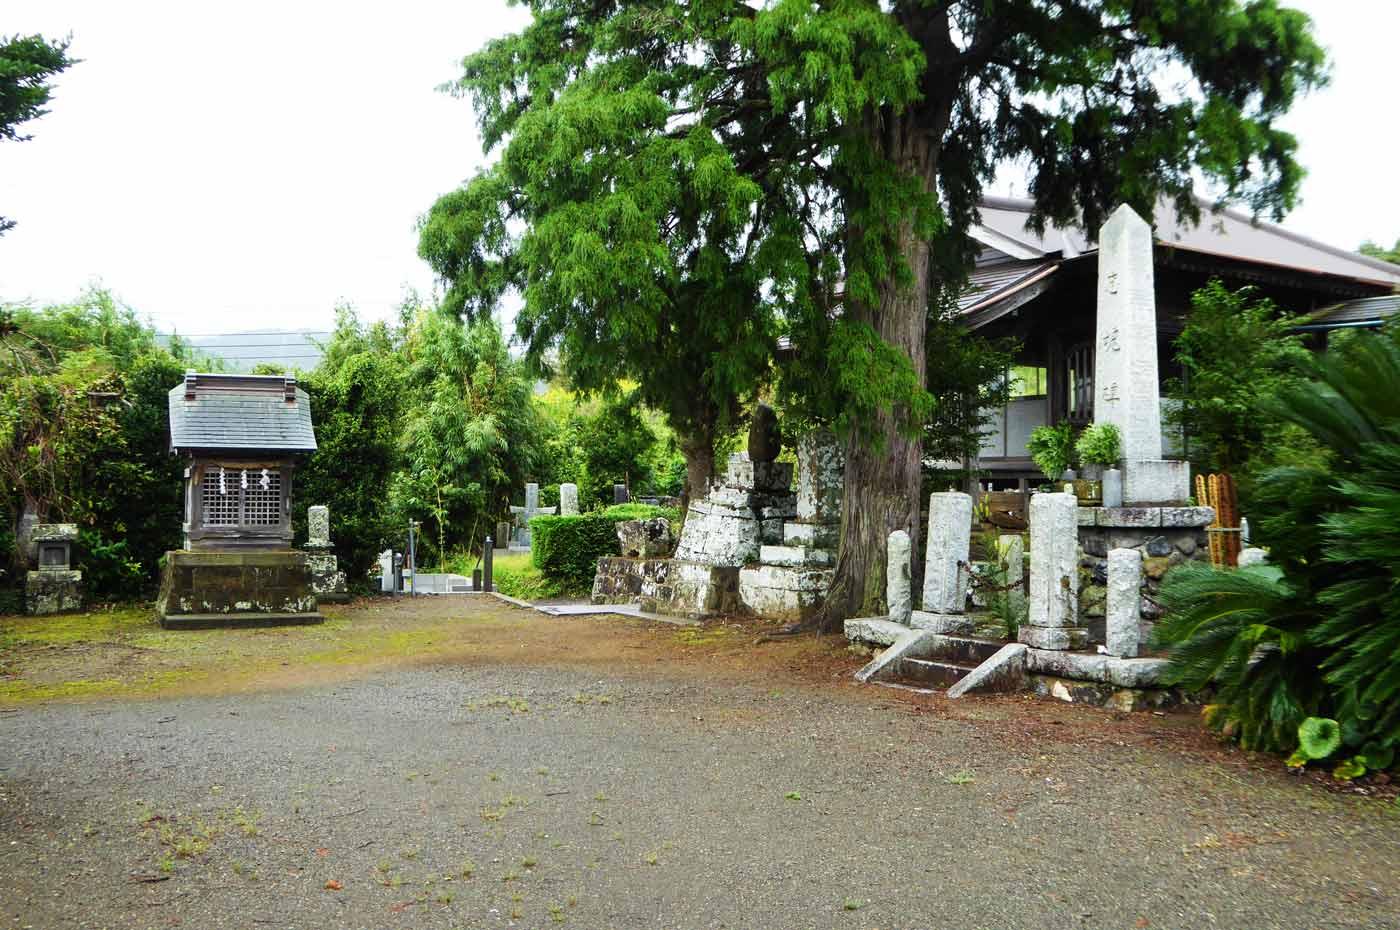 妙達寺の境内